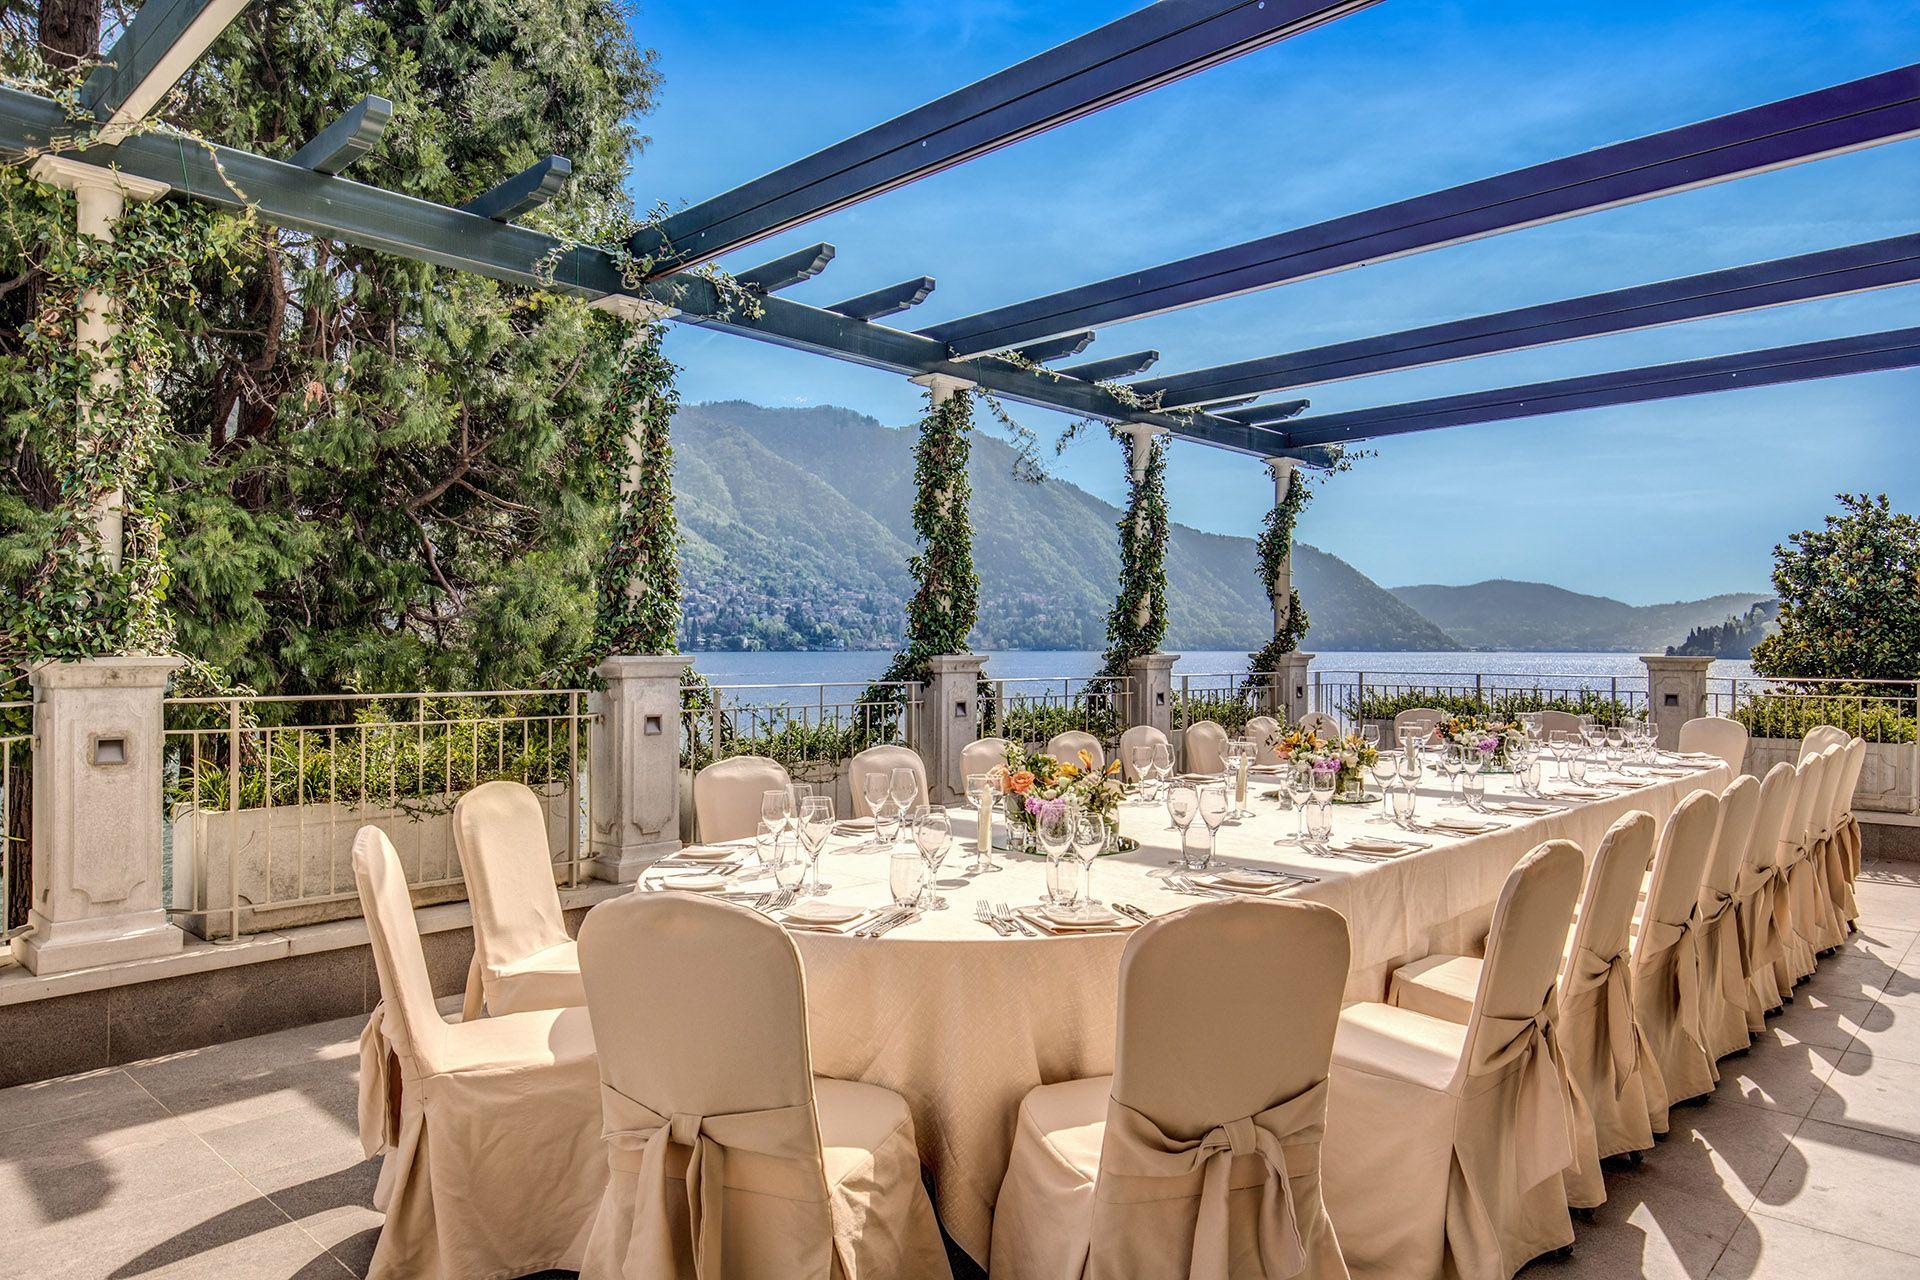 Ristorante Imperialino - Lago di Como: Terrazza panoramica ...